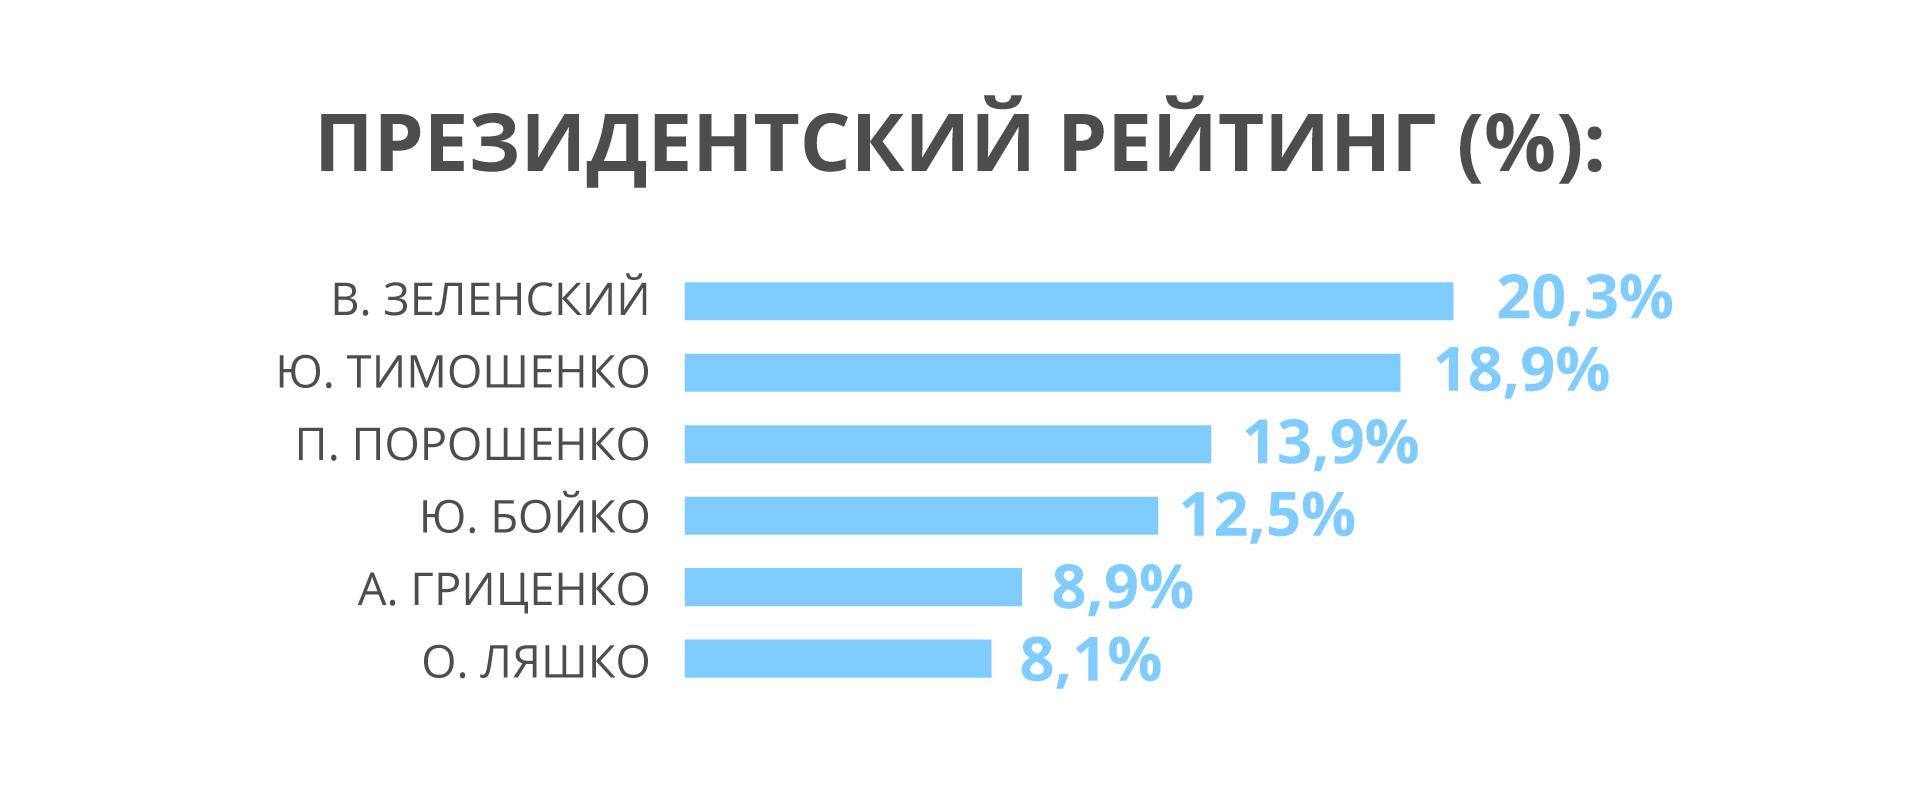 """""""Батькивщина"""", """"Слуга народа"""" и """"ОП - За життя"""" лидируют в рейтинге парламентских выборов"""